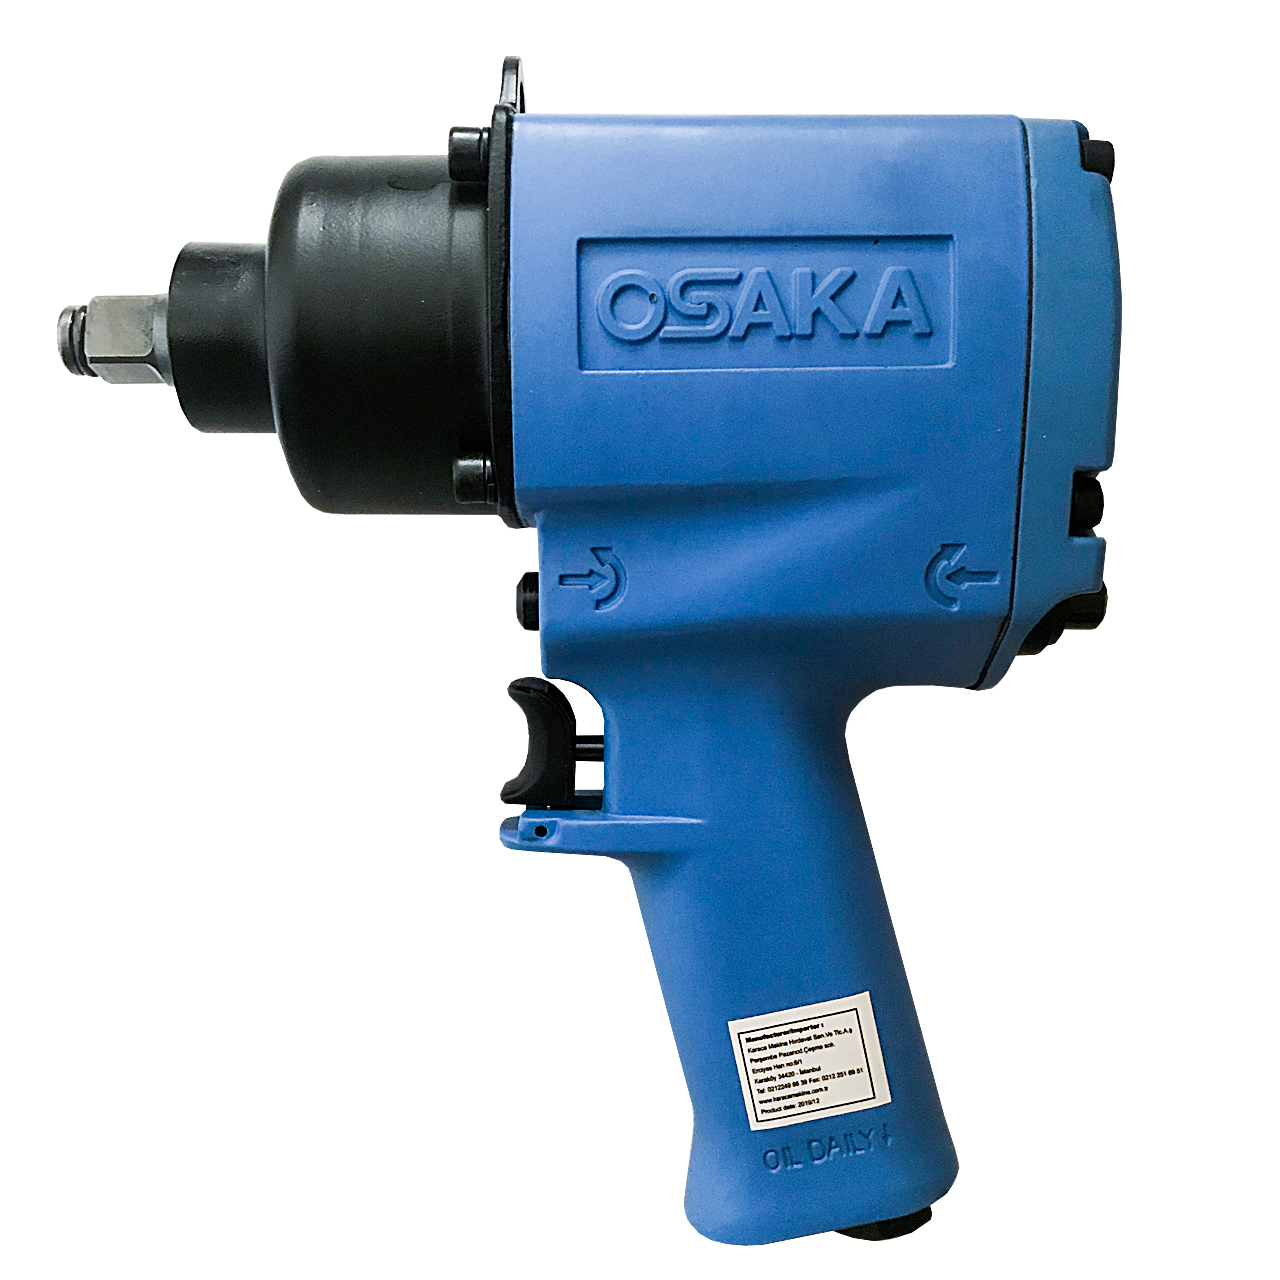 آچار بکس بادی اوساکا مدل OPT517